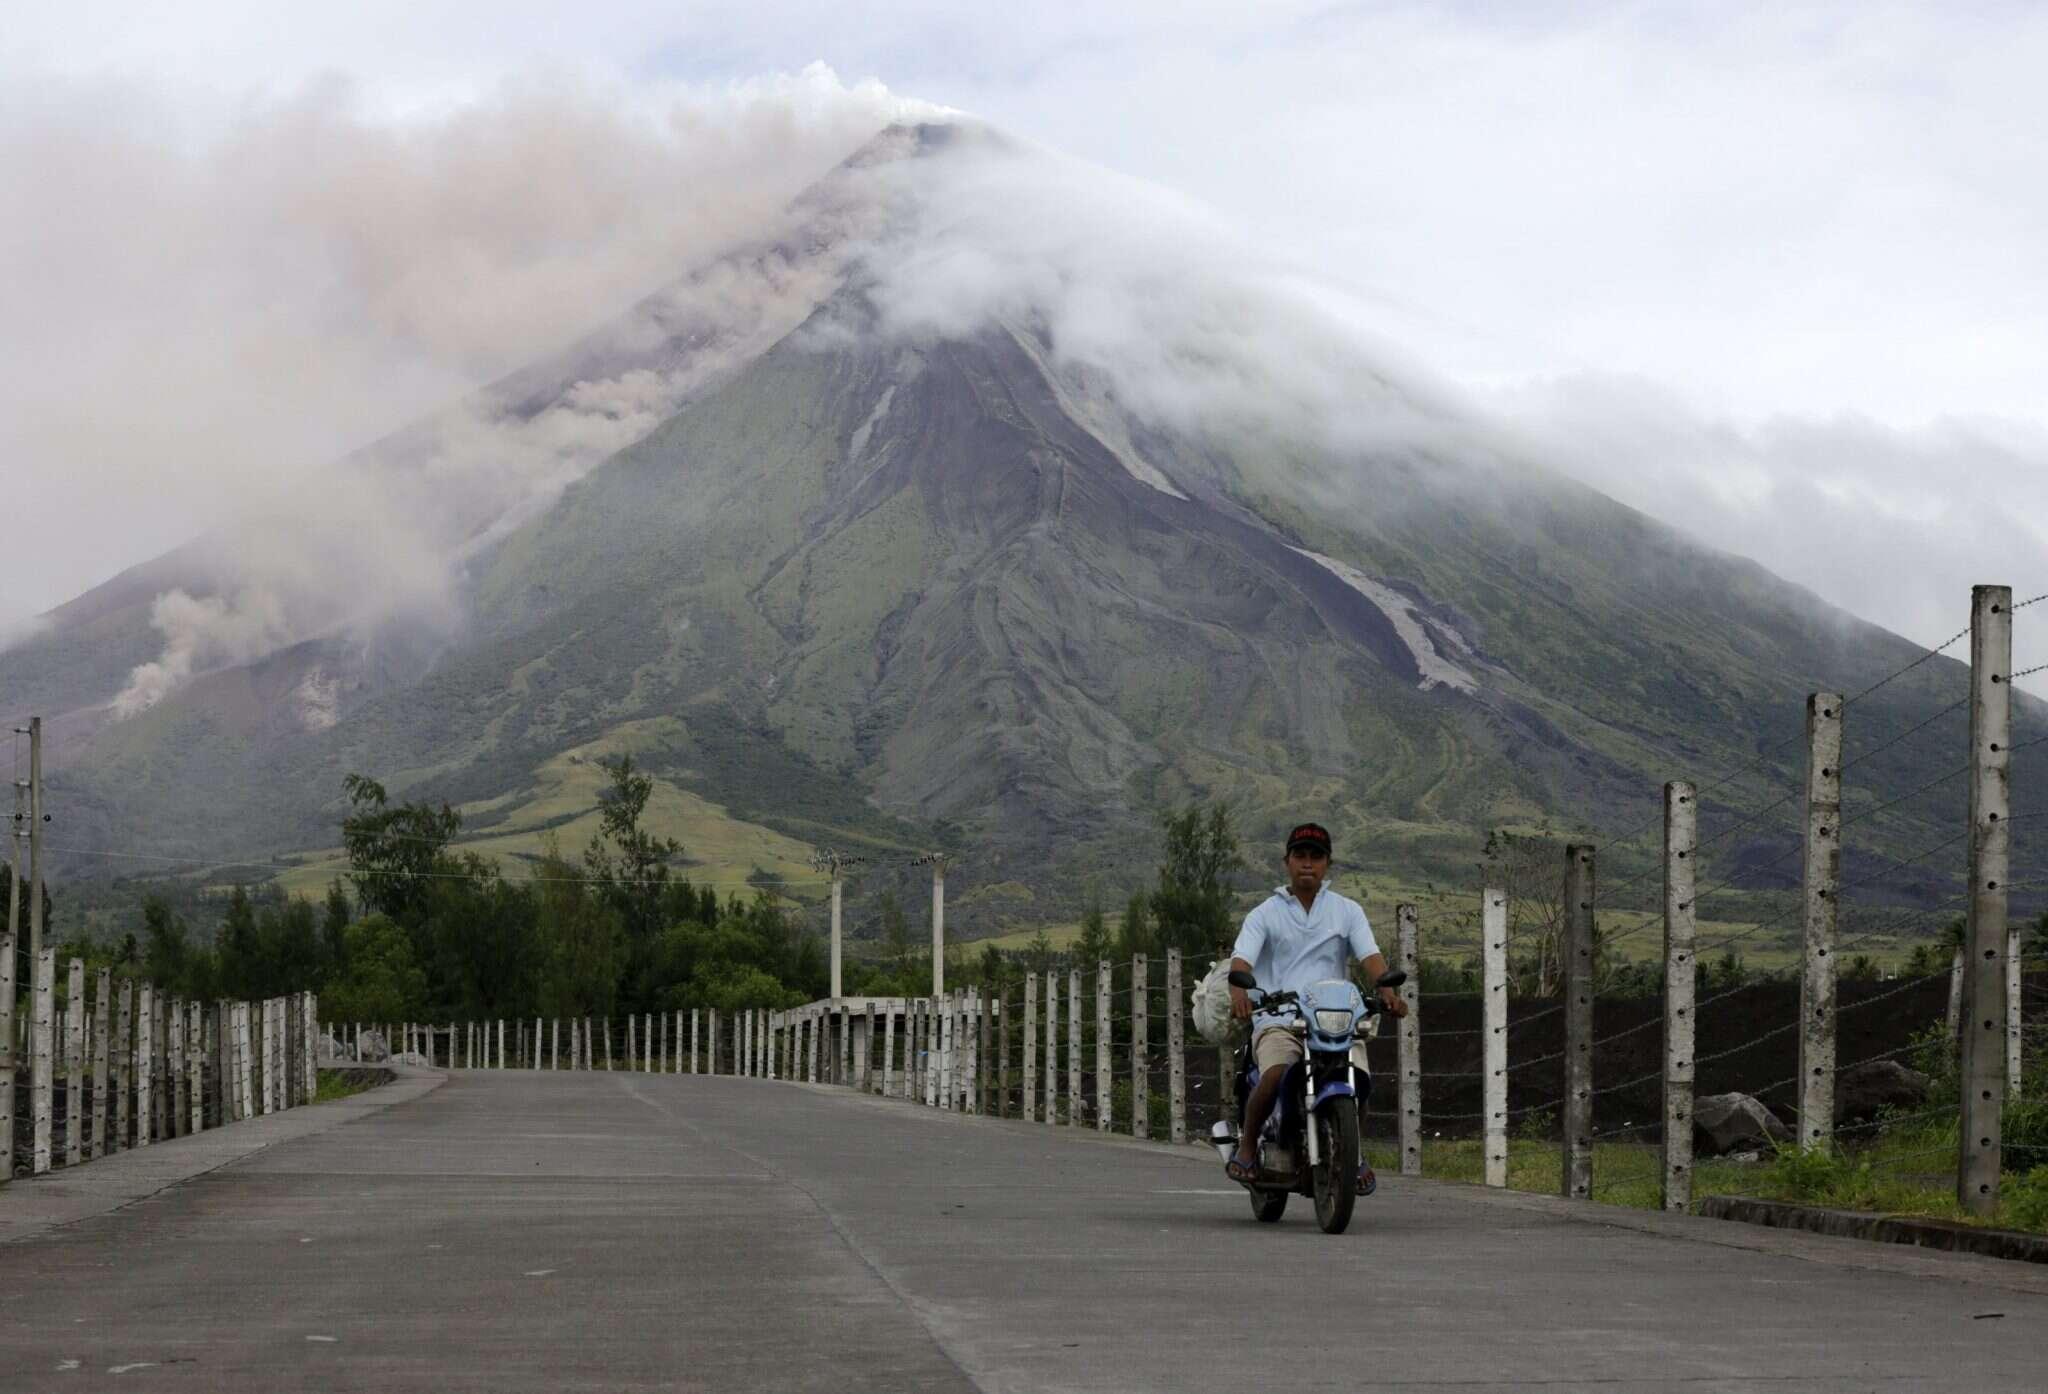 התפרצות הר הגעש מאיון שבפיליפינים. צילום: EPA